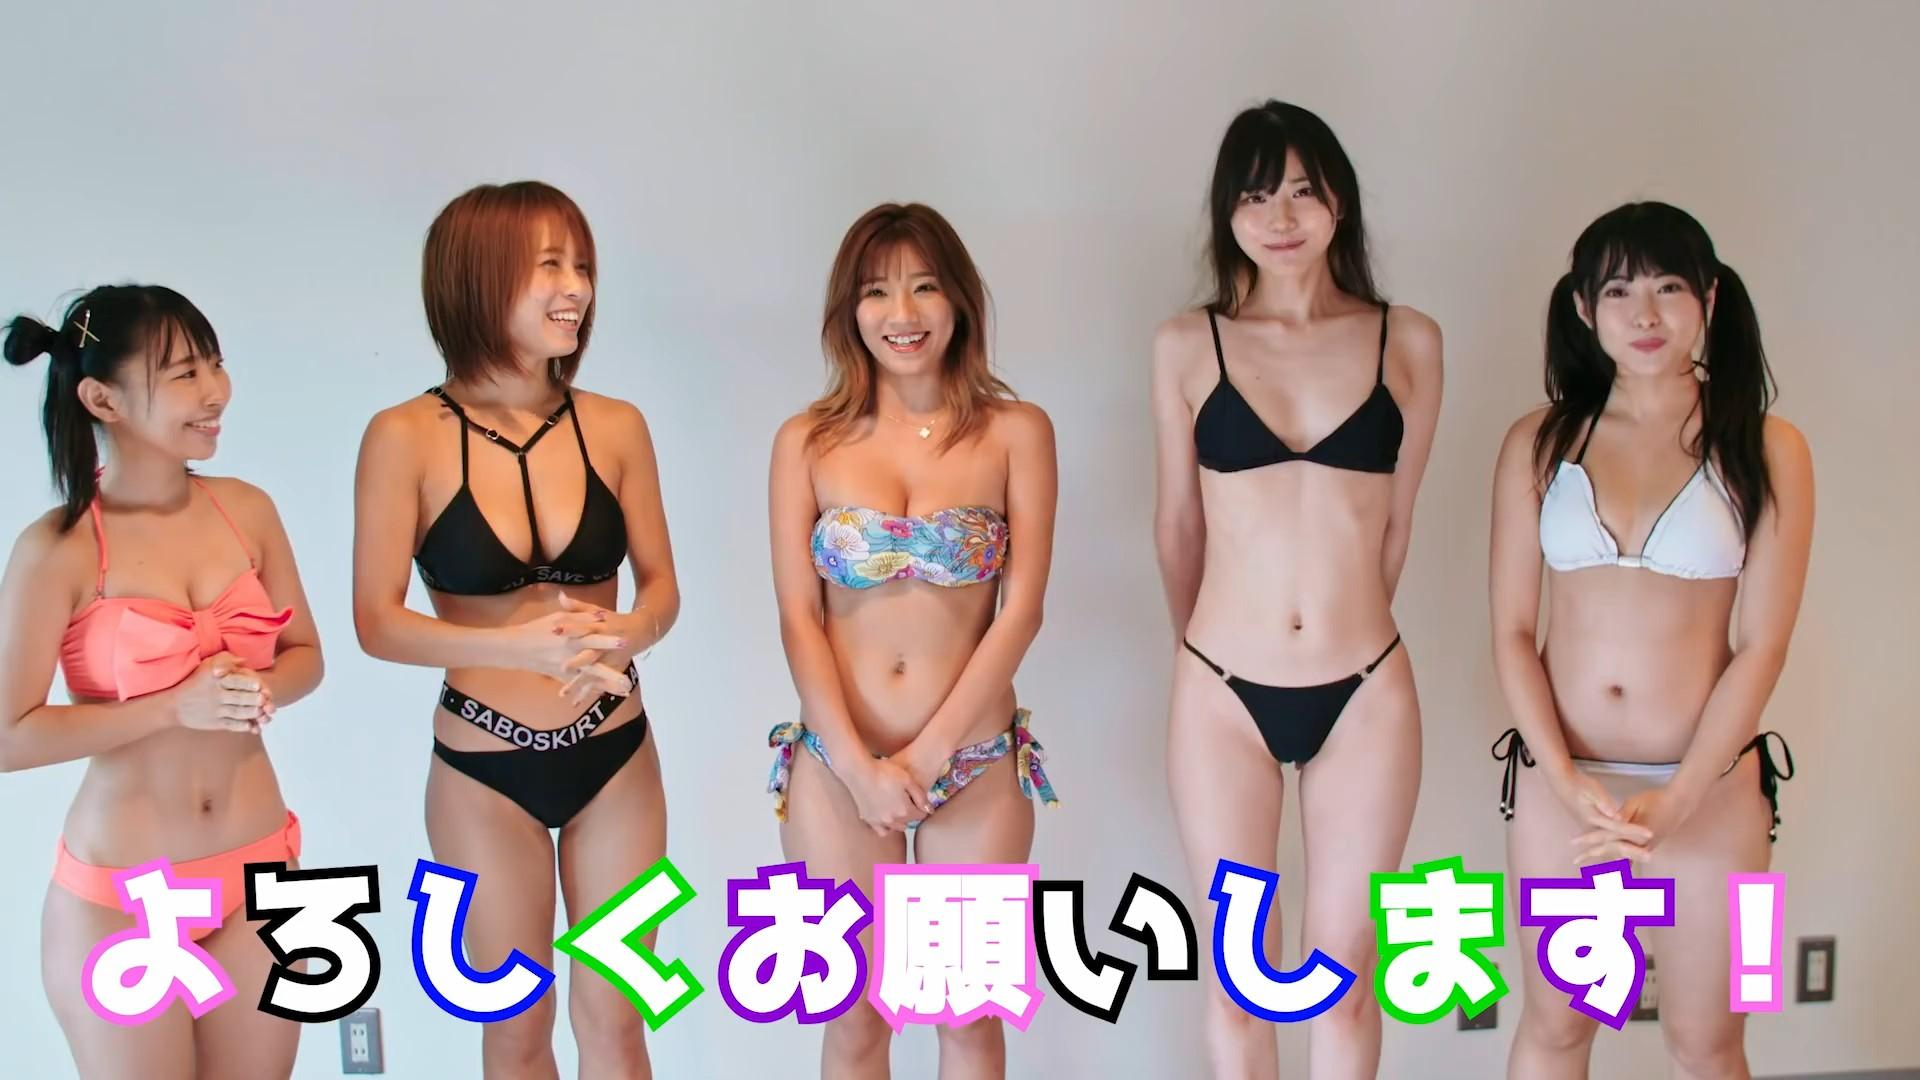 【画像】この水着美女の中で1人選んでHできるなら誰がええ?